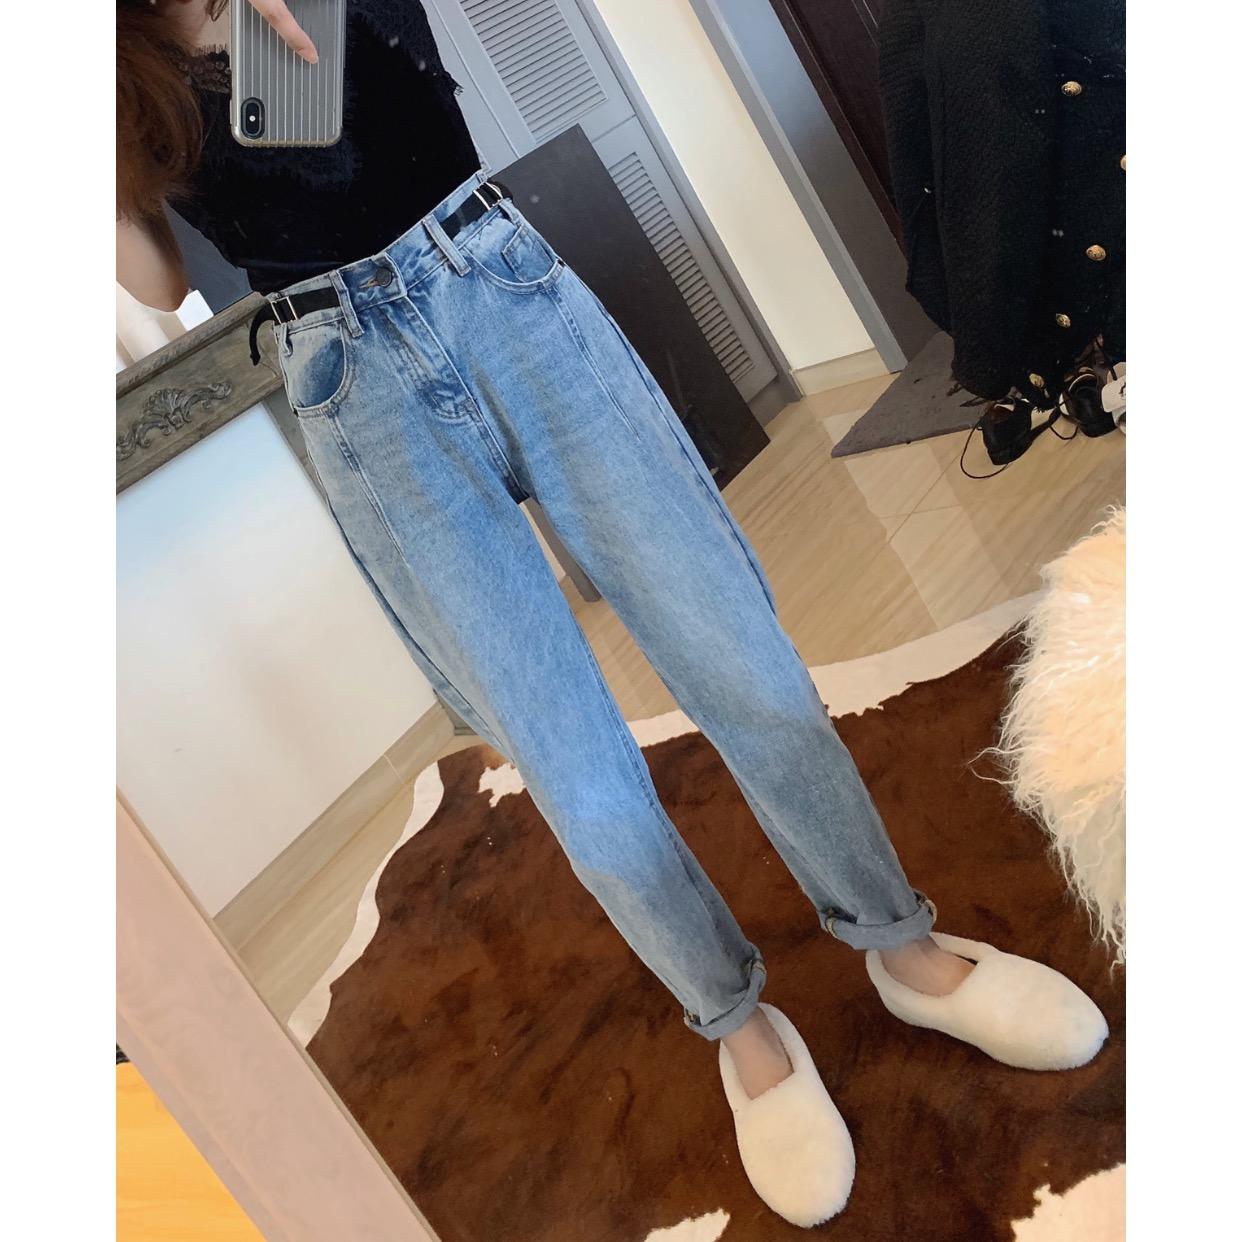 2019春夏新款个性装饰腰带韩版高腰水洗牛仔裤直筒阔腿显瘦女包邮图片